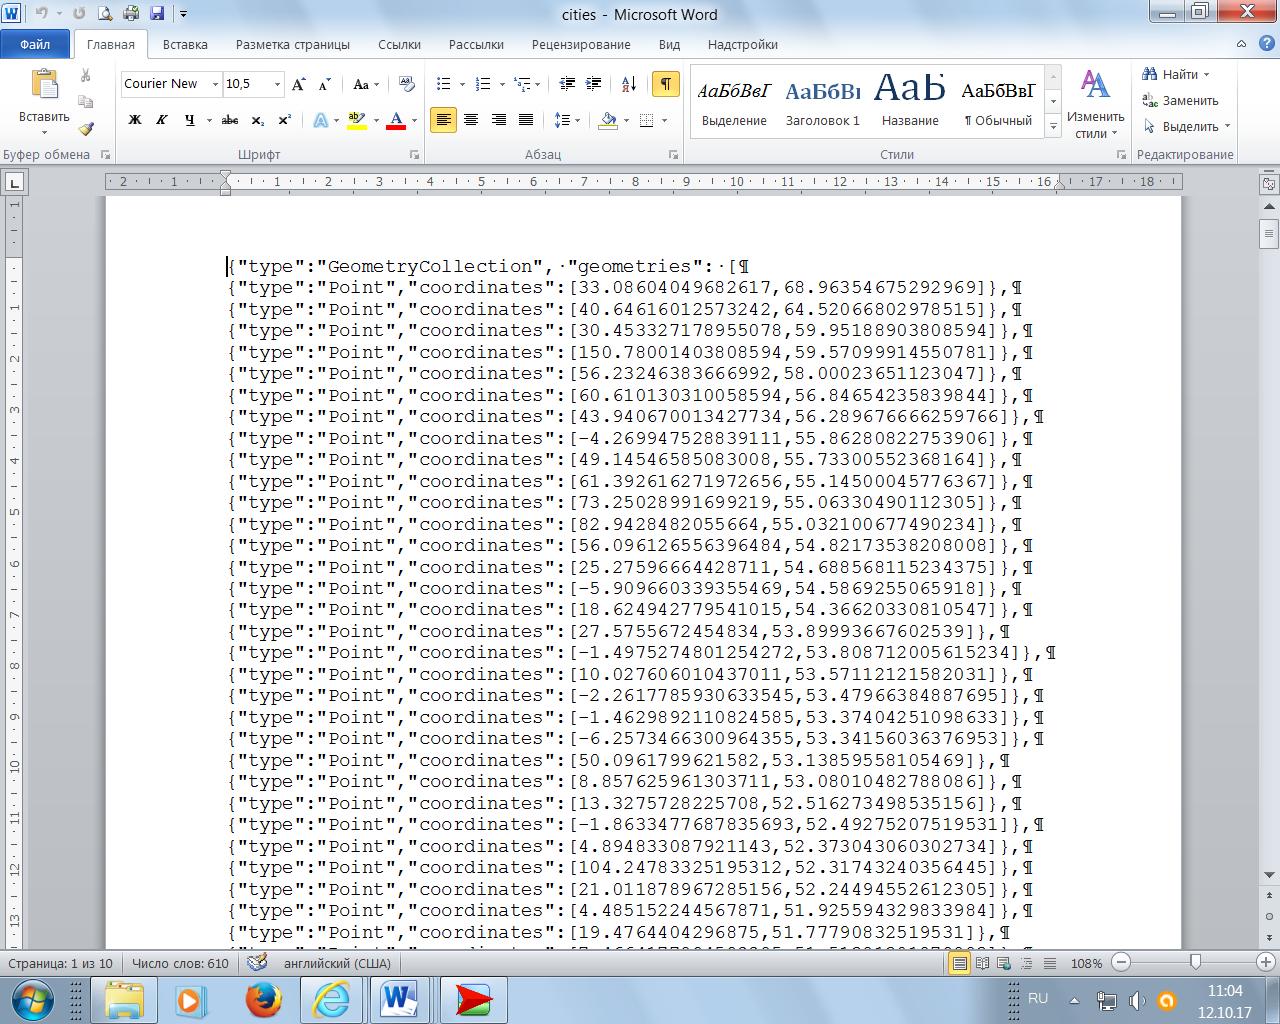 Рис.14. Файл с координатами городов в Word для редактирования.